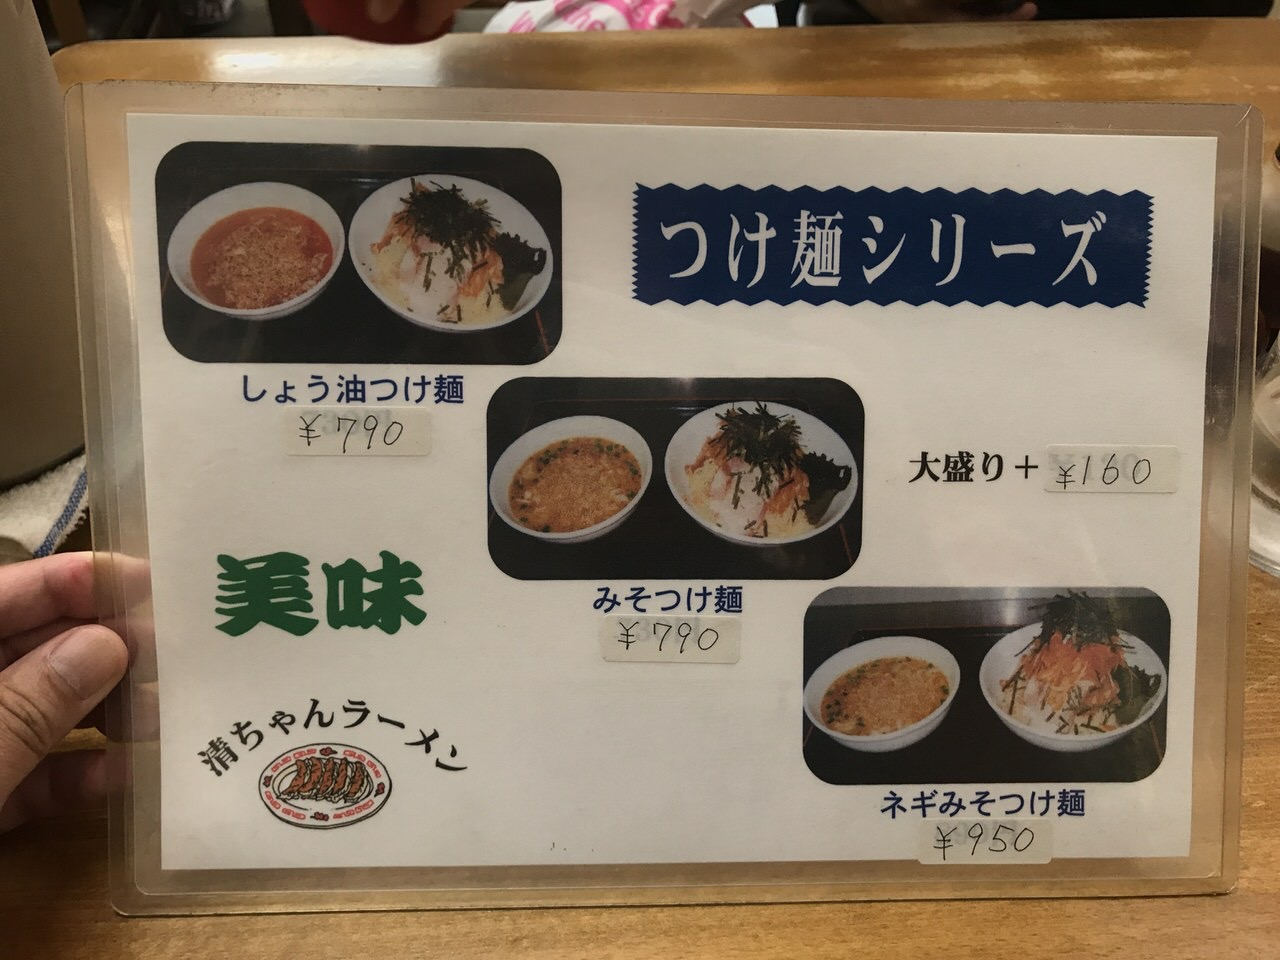 「清ちゃんラーメン」(浦和美園)6